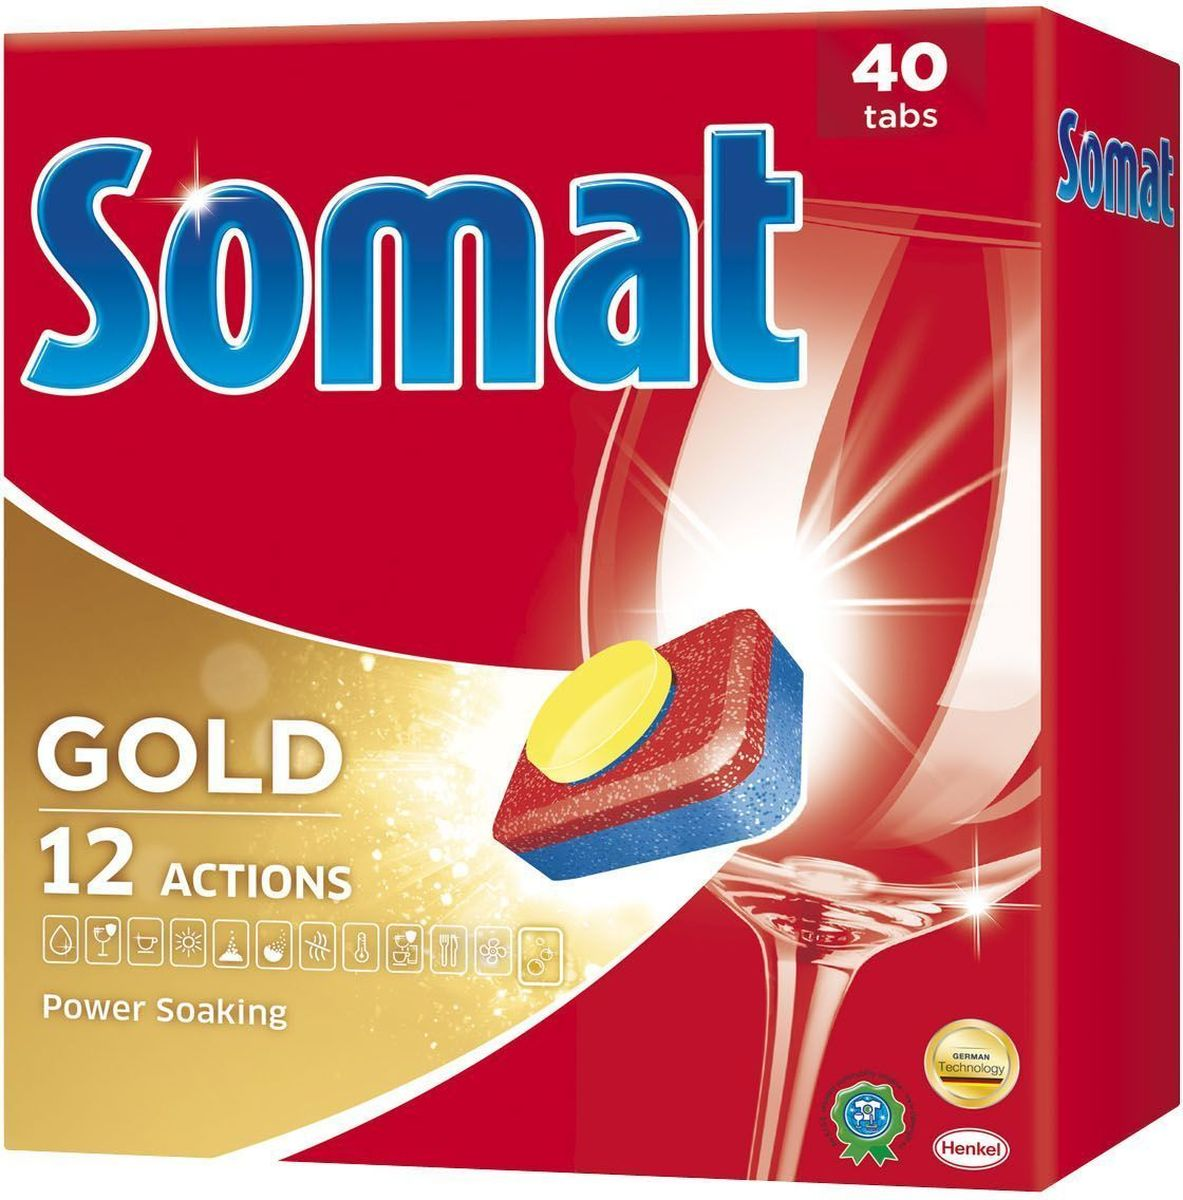 Таблетки для посудомоечной машины Somat Gold, 40 шт бытовая химия somat голд табс таблетки для посудомоечной машины 44 шт